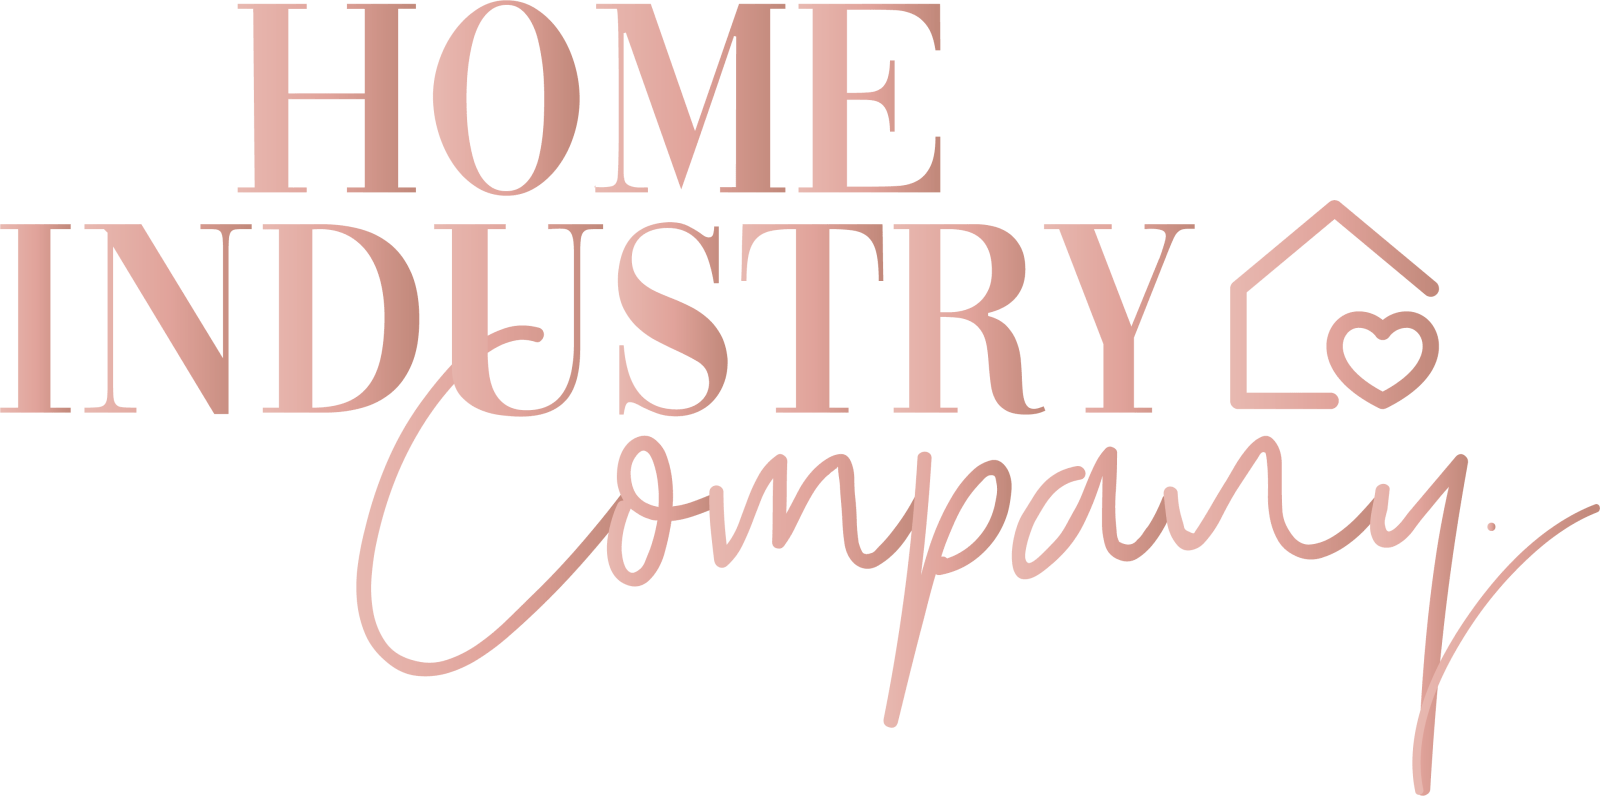 Home Industry Company Logo